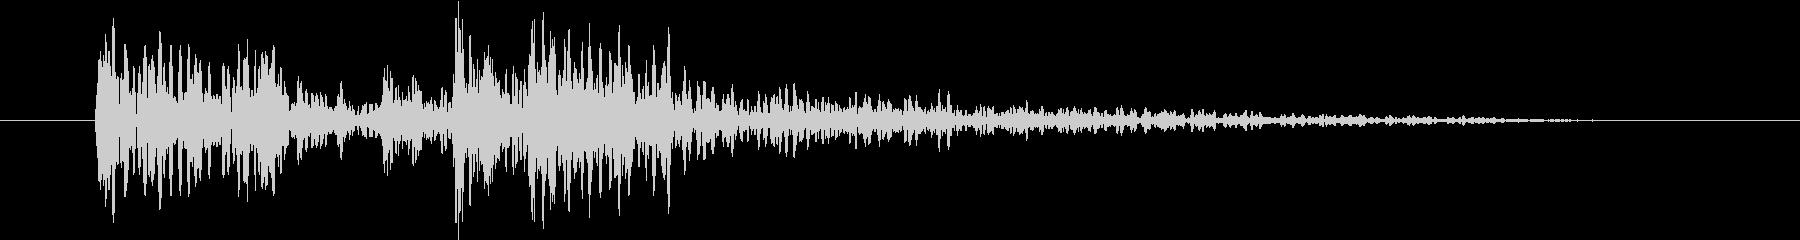 YouTubeのタイトル用ドラムSEの未再生の波形